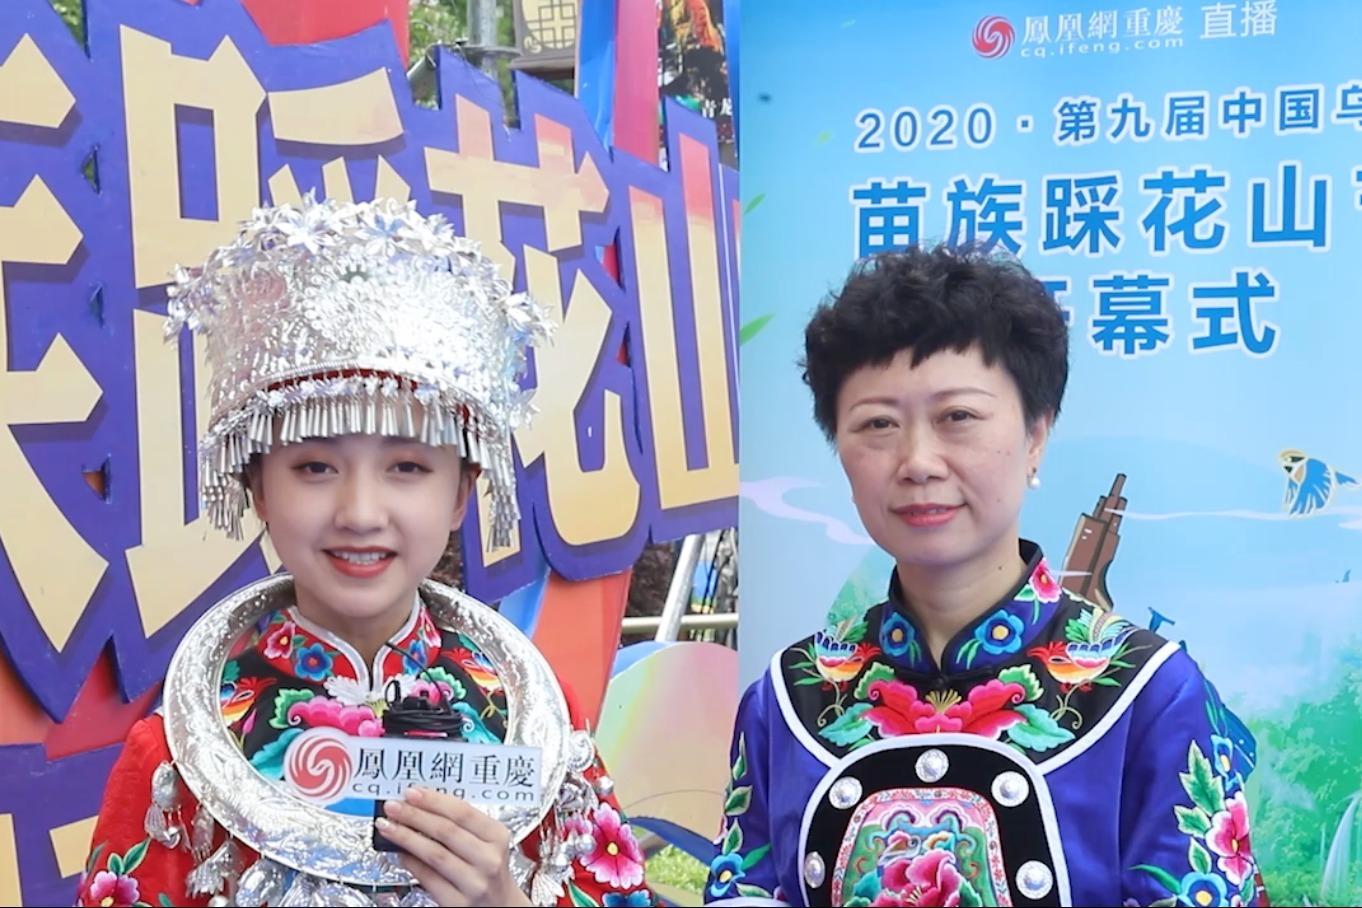 视频丨2020踩花山节专访重庆彭水副县长冉靖